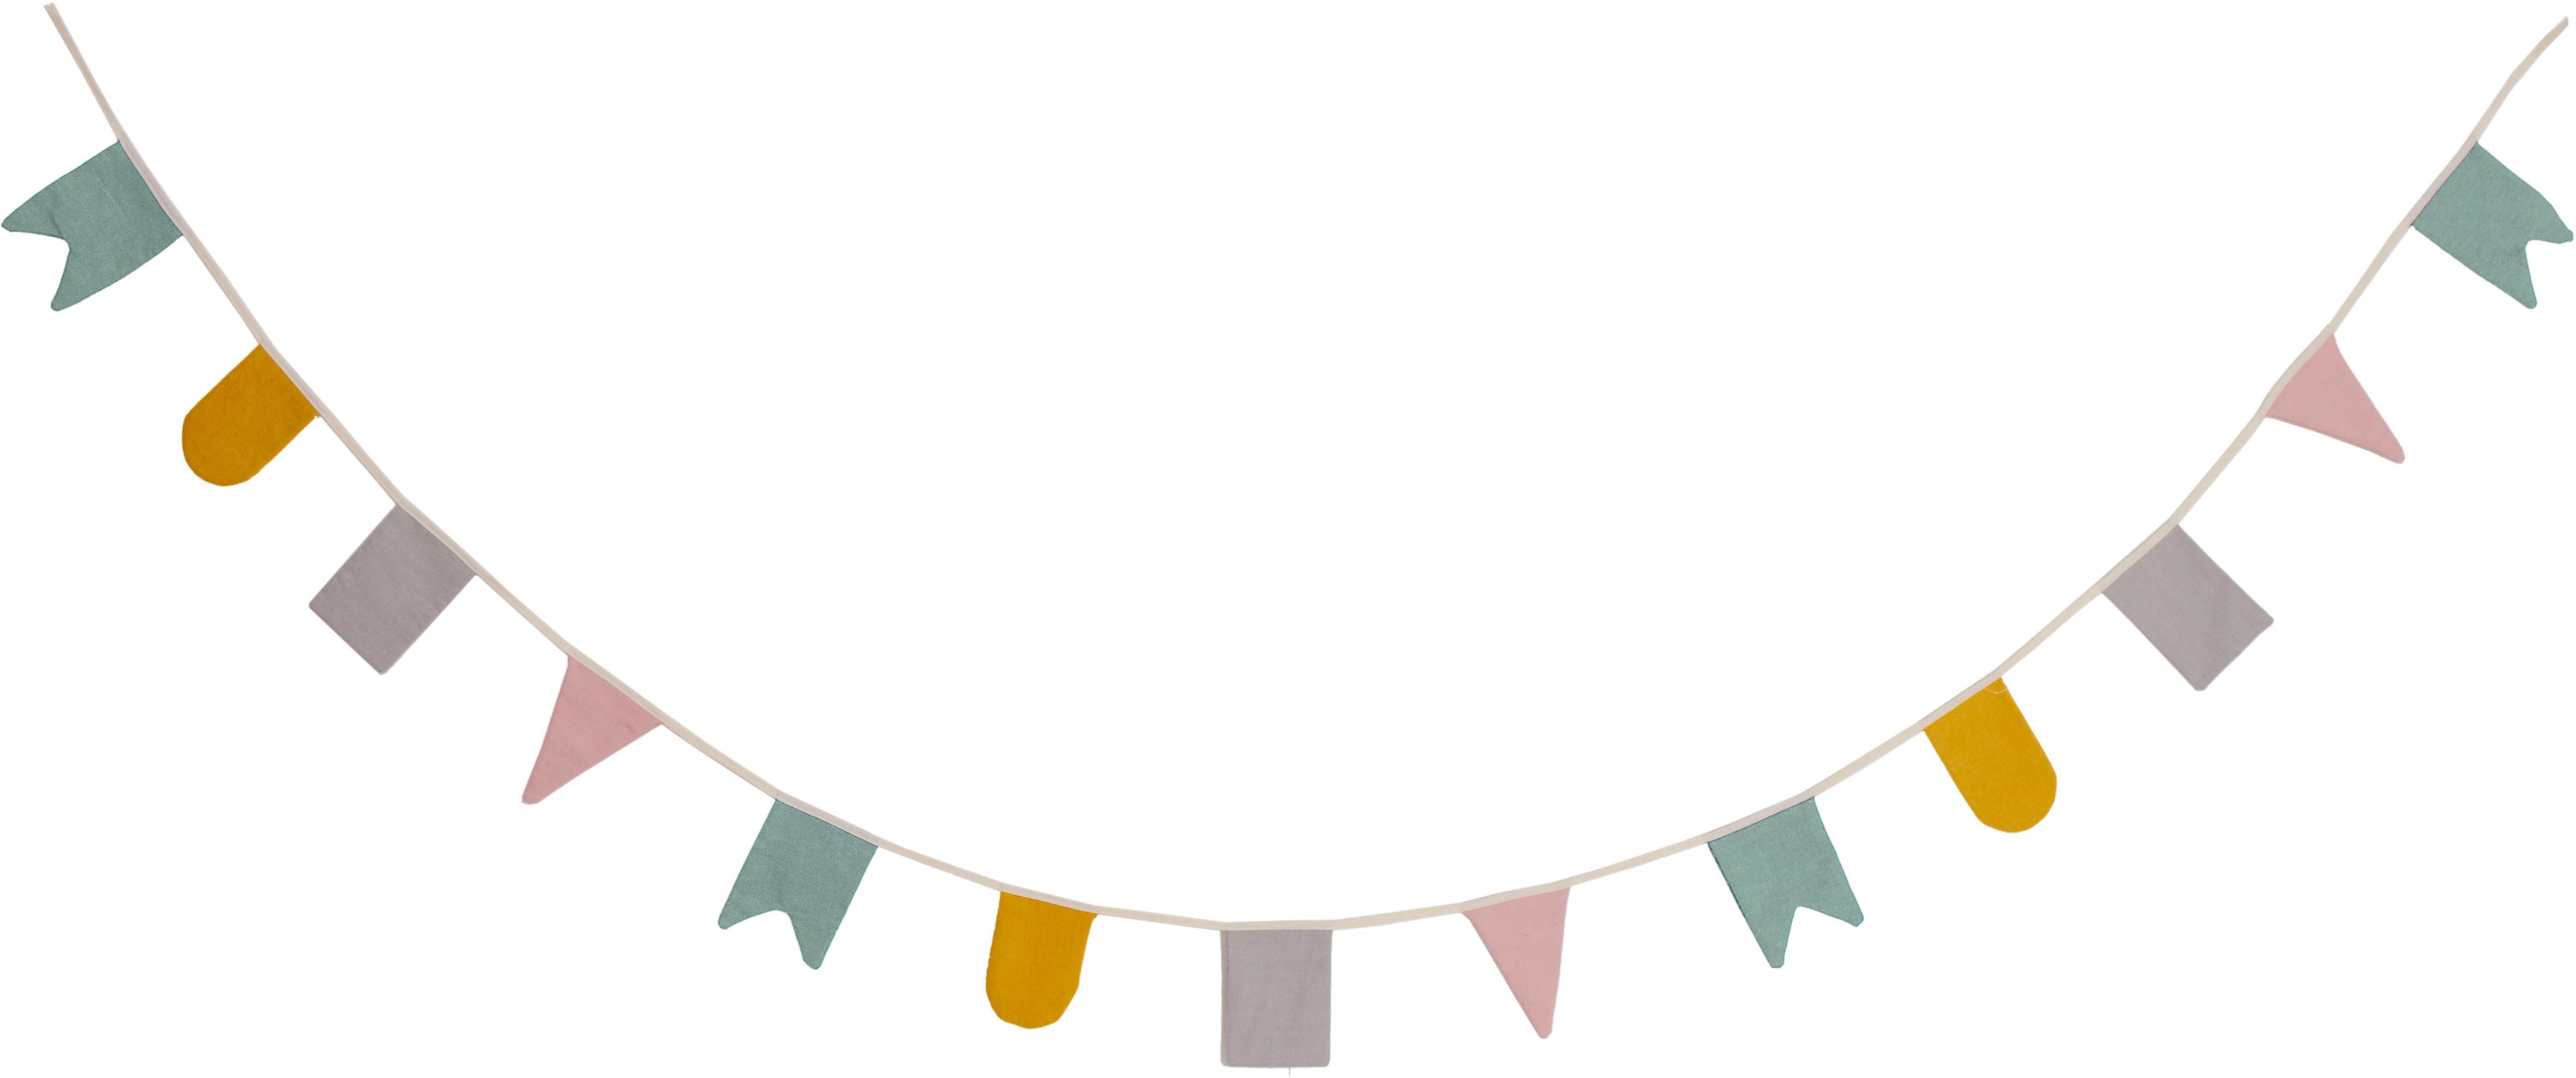 Girlanda z bawełny organicznej Hip Hip Hurra, 300 cm, Bawełna organiczna, certyfikat GOTS, Wielobarwny, D 300 x W 15 cm